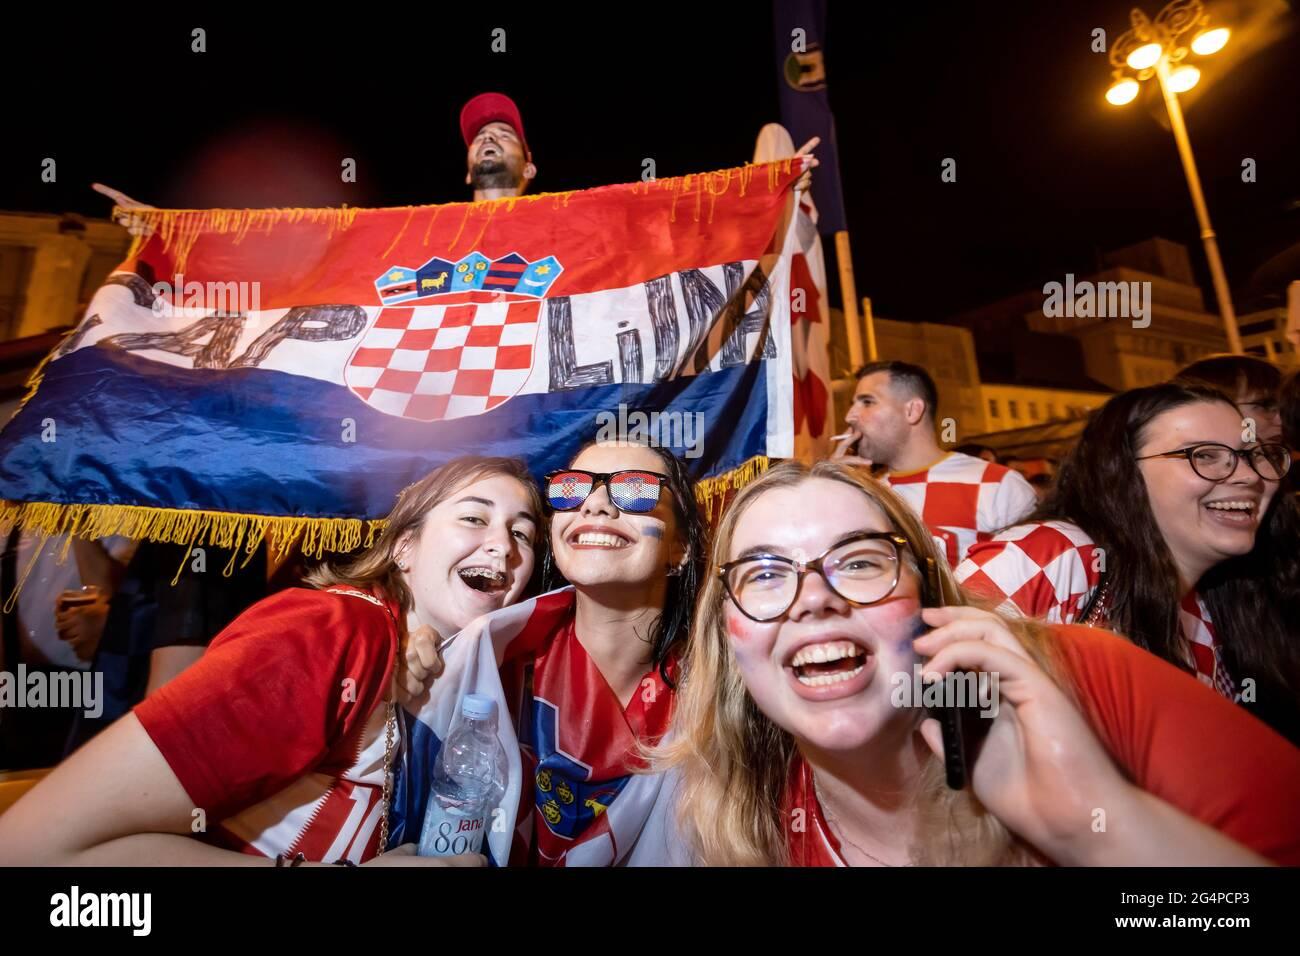 Croatie, 22/06/2021, l'atmosphère sur la place Ban Josip Jelacic tout en regardant un match de football entre la Croatie et l'Écosse à 2020 euros pour avancer à la ronde de 16. Les fans fêtent la Croatie 3-1 gagnent l'Ecosse et se rendent à la ronde de 16. Banque D'Images